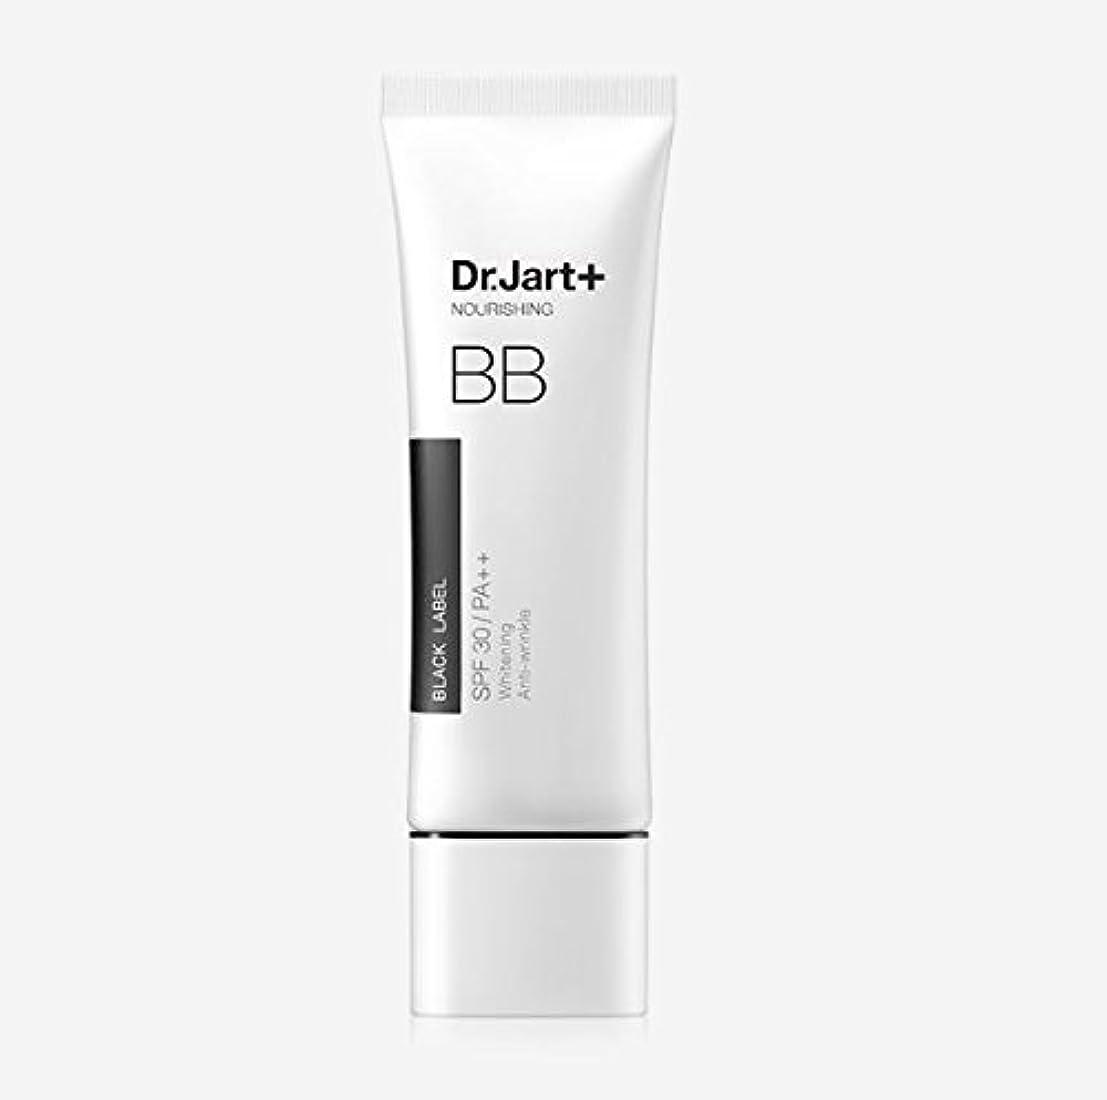 南アメリカ大使館チェス[Dr. Jart] Black Label BB Nourishing Beauty Balm 50ml SPF30 PA++/[ドクタージャルト] ブラックラベル BB ナリーシン ビューティー バーム 50ml SPF30...